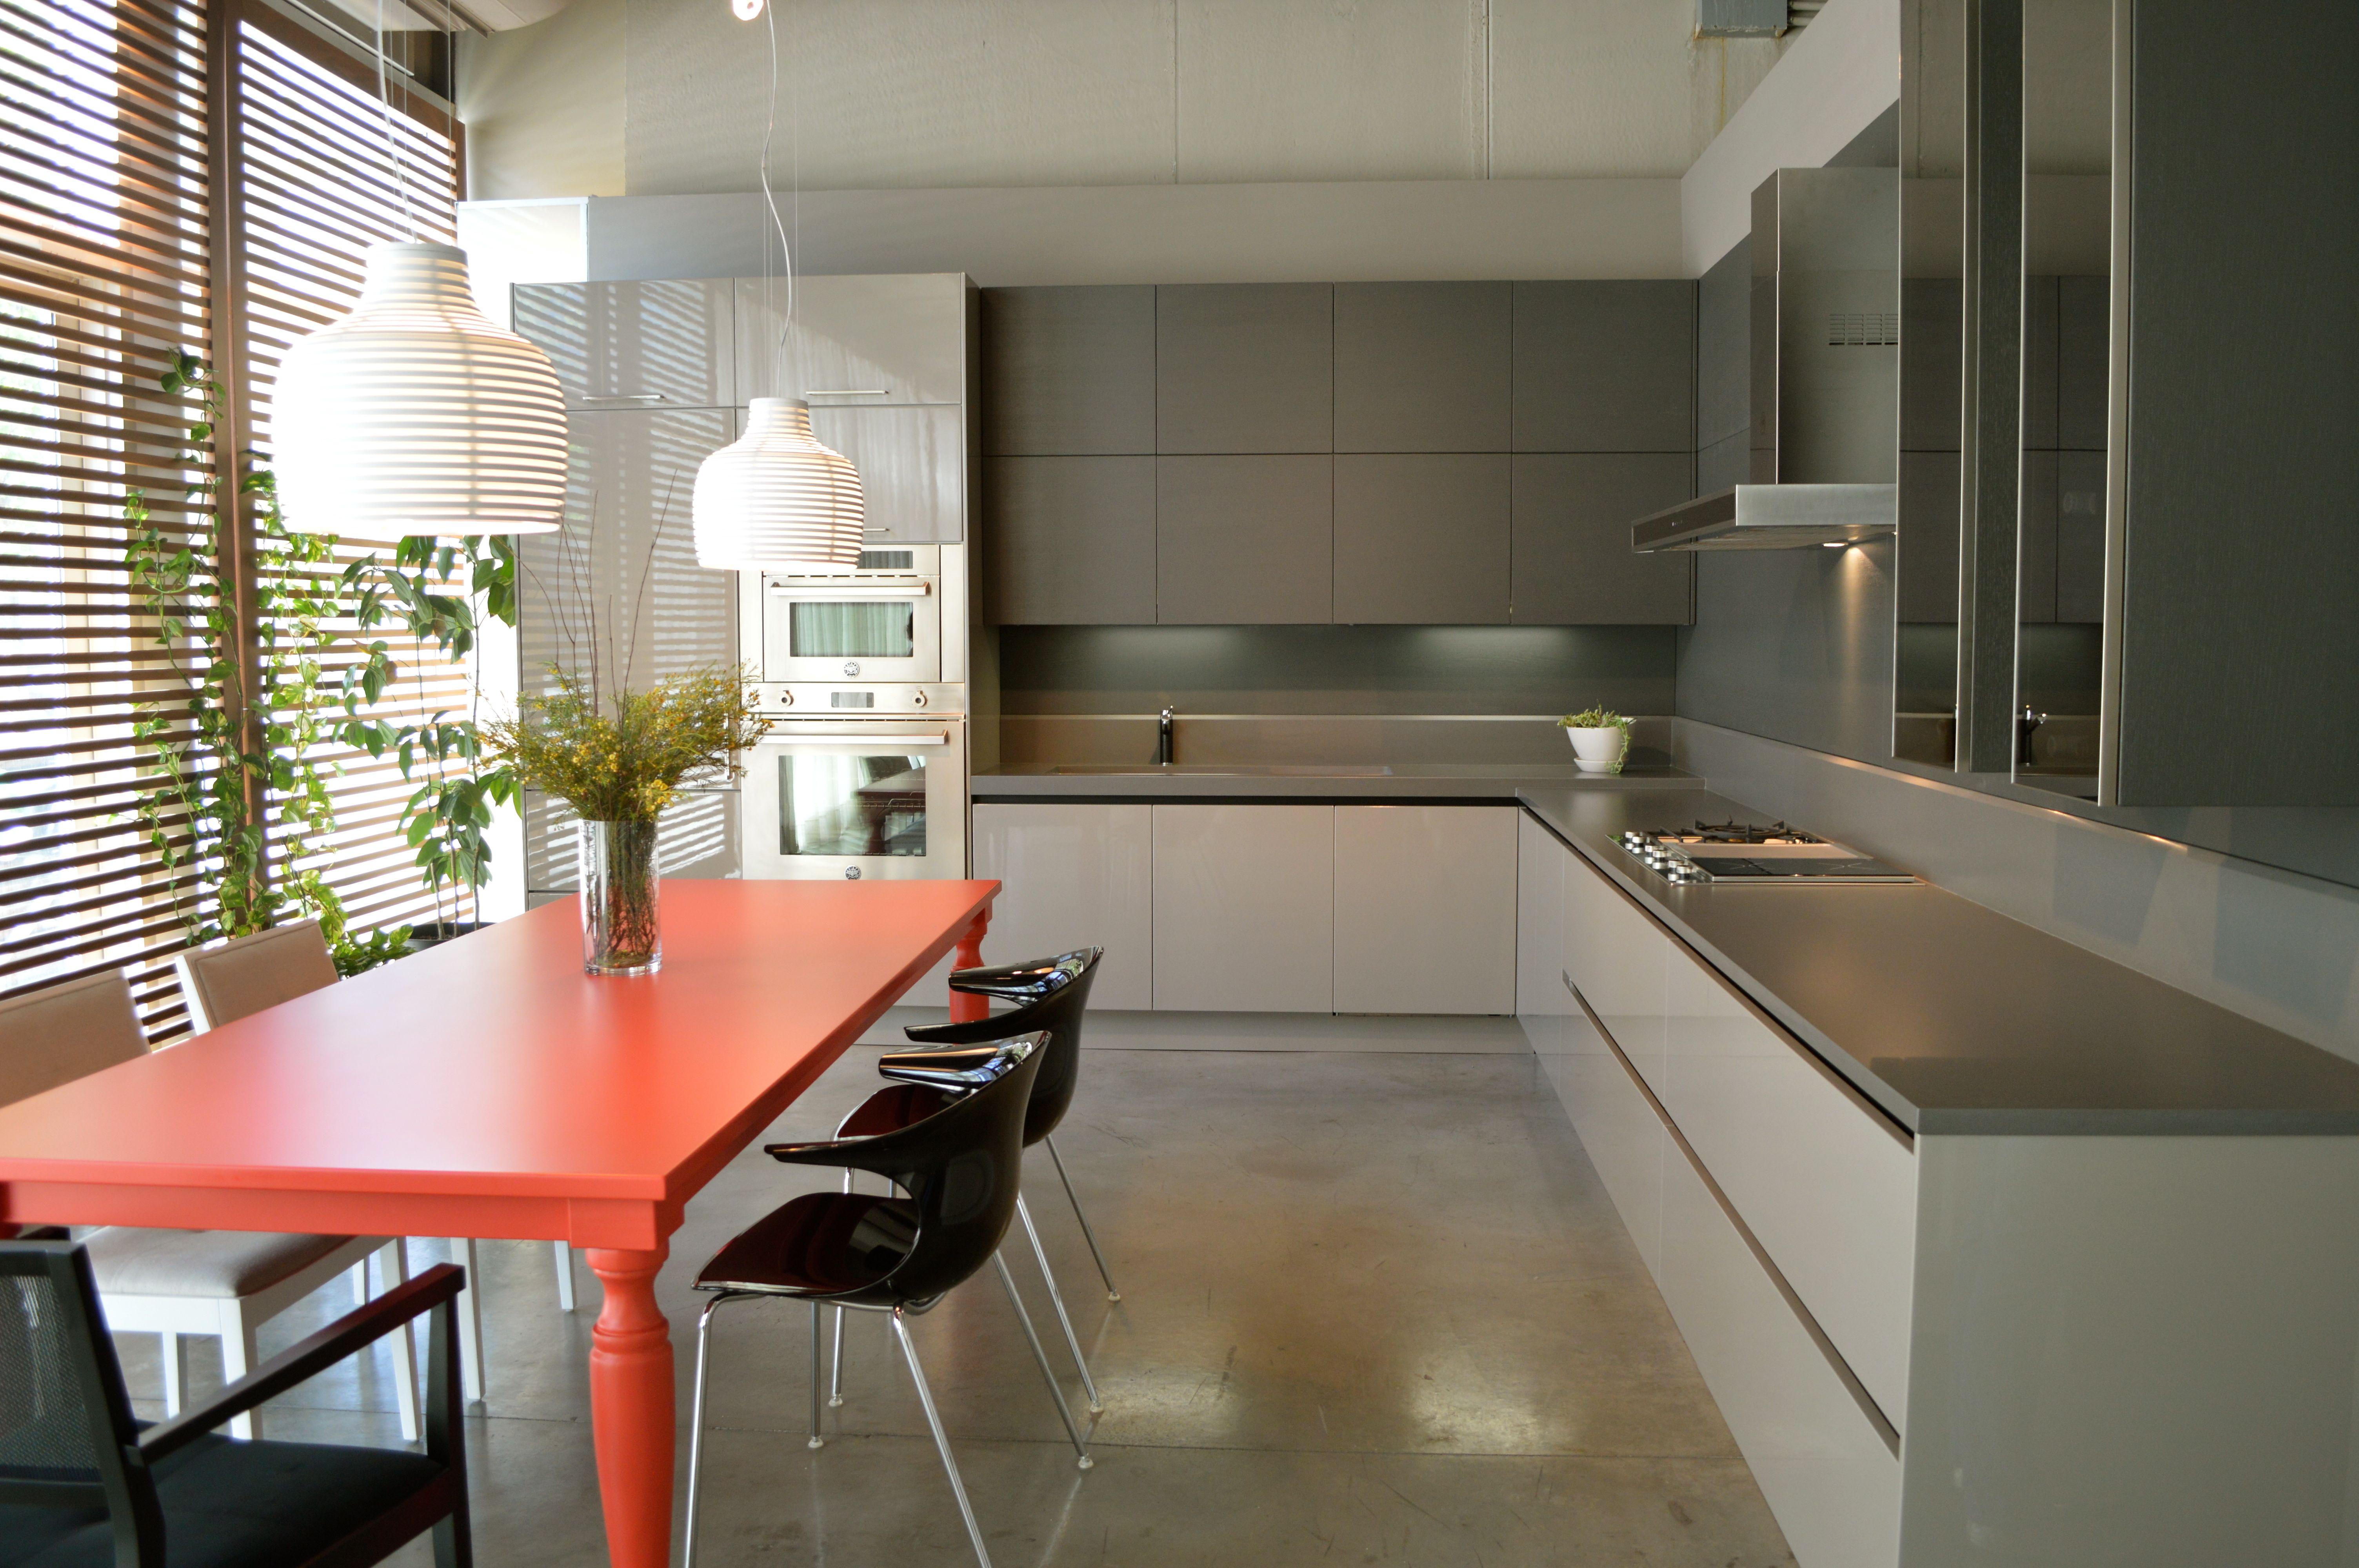 #B23319 cozinhas florense marcia nejaim 6016x4000 px Projetos De Cozinhas Florense #567 imagens